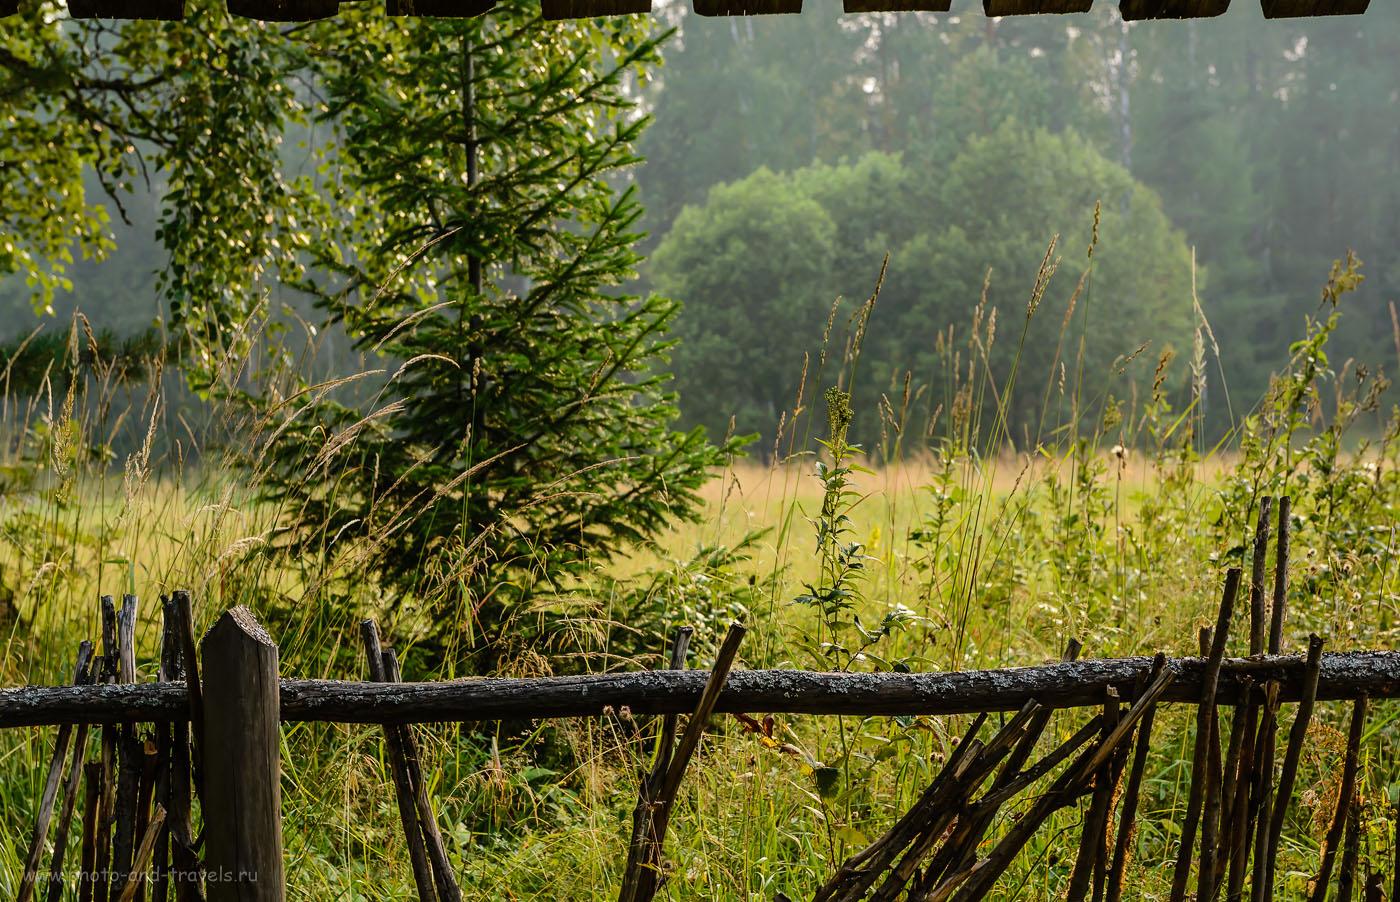 Фотография 35. Пейзаж в Оленьих ручьях. 1/160, -0.67, 8.0, 640, 70.